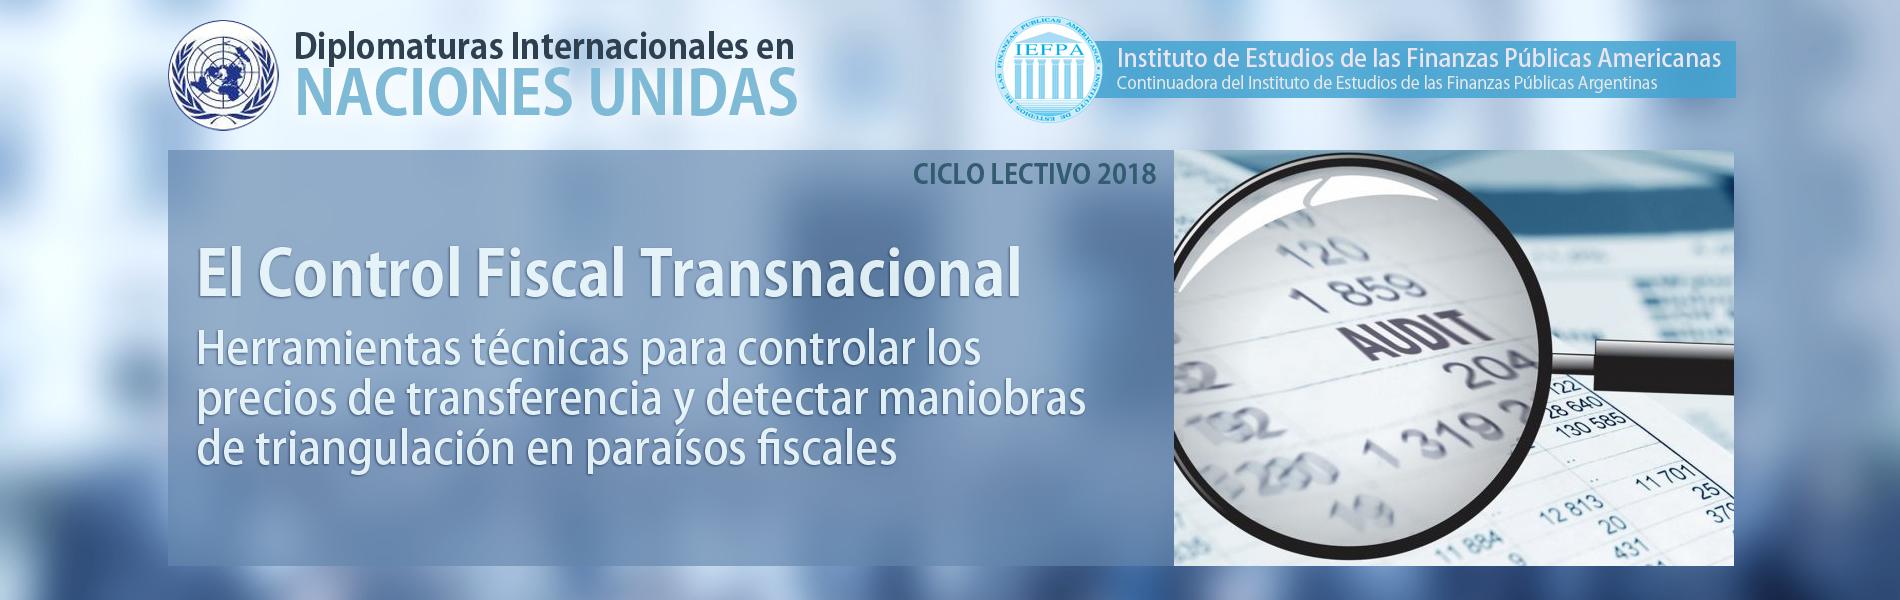 El Control Fiscal Transnacional